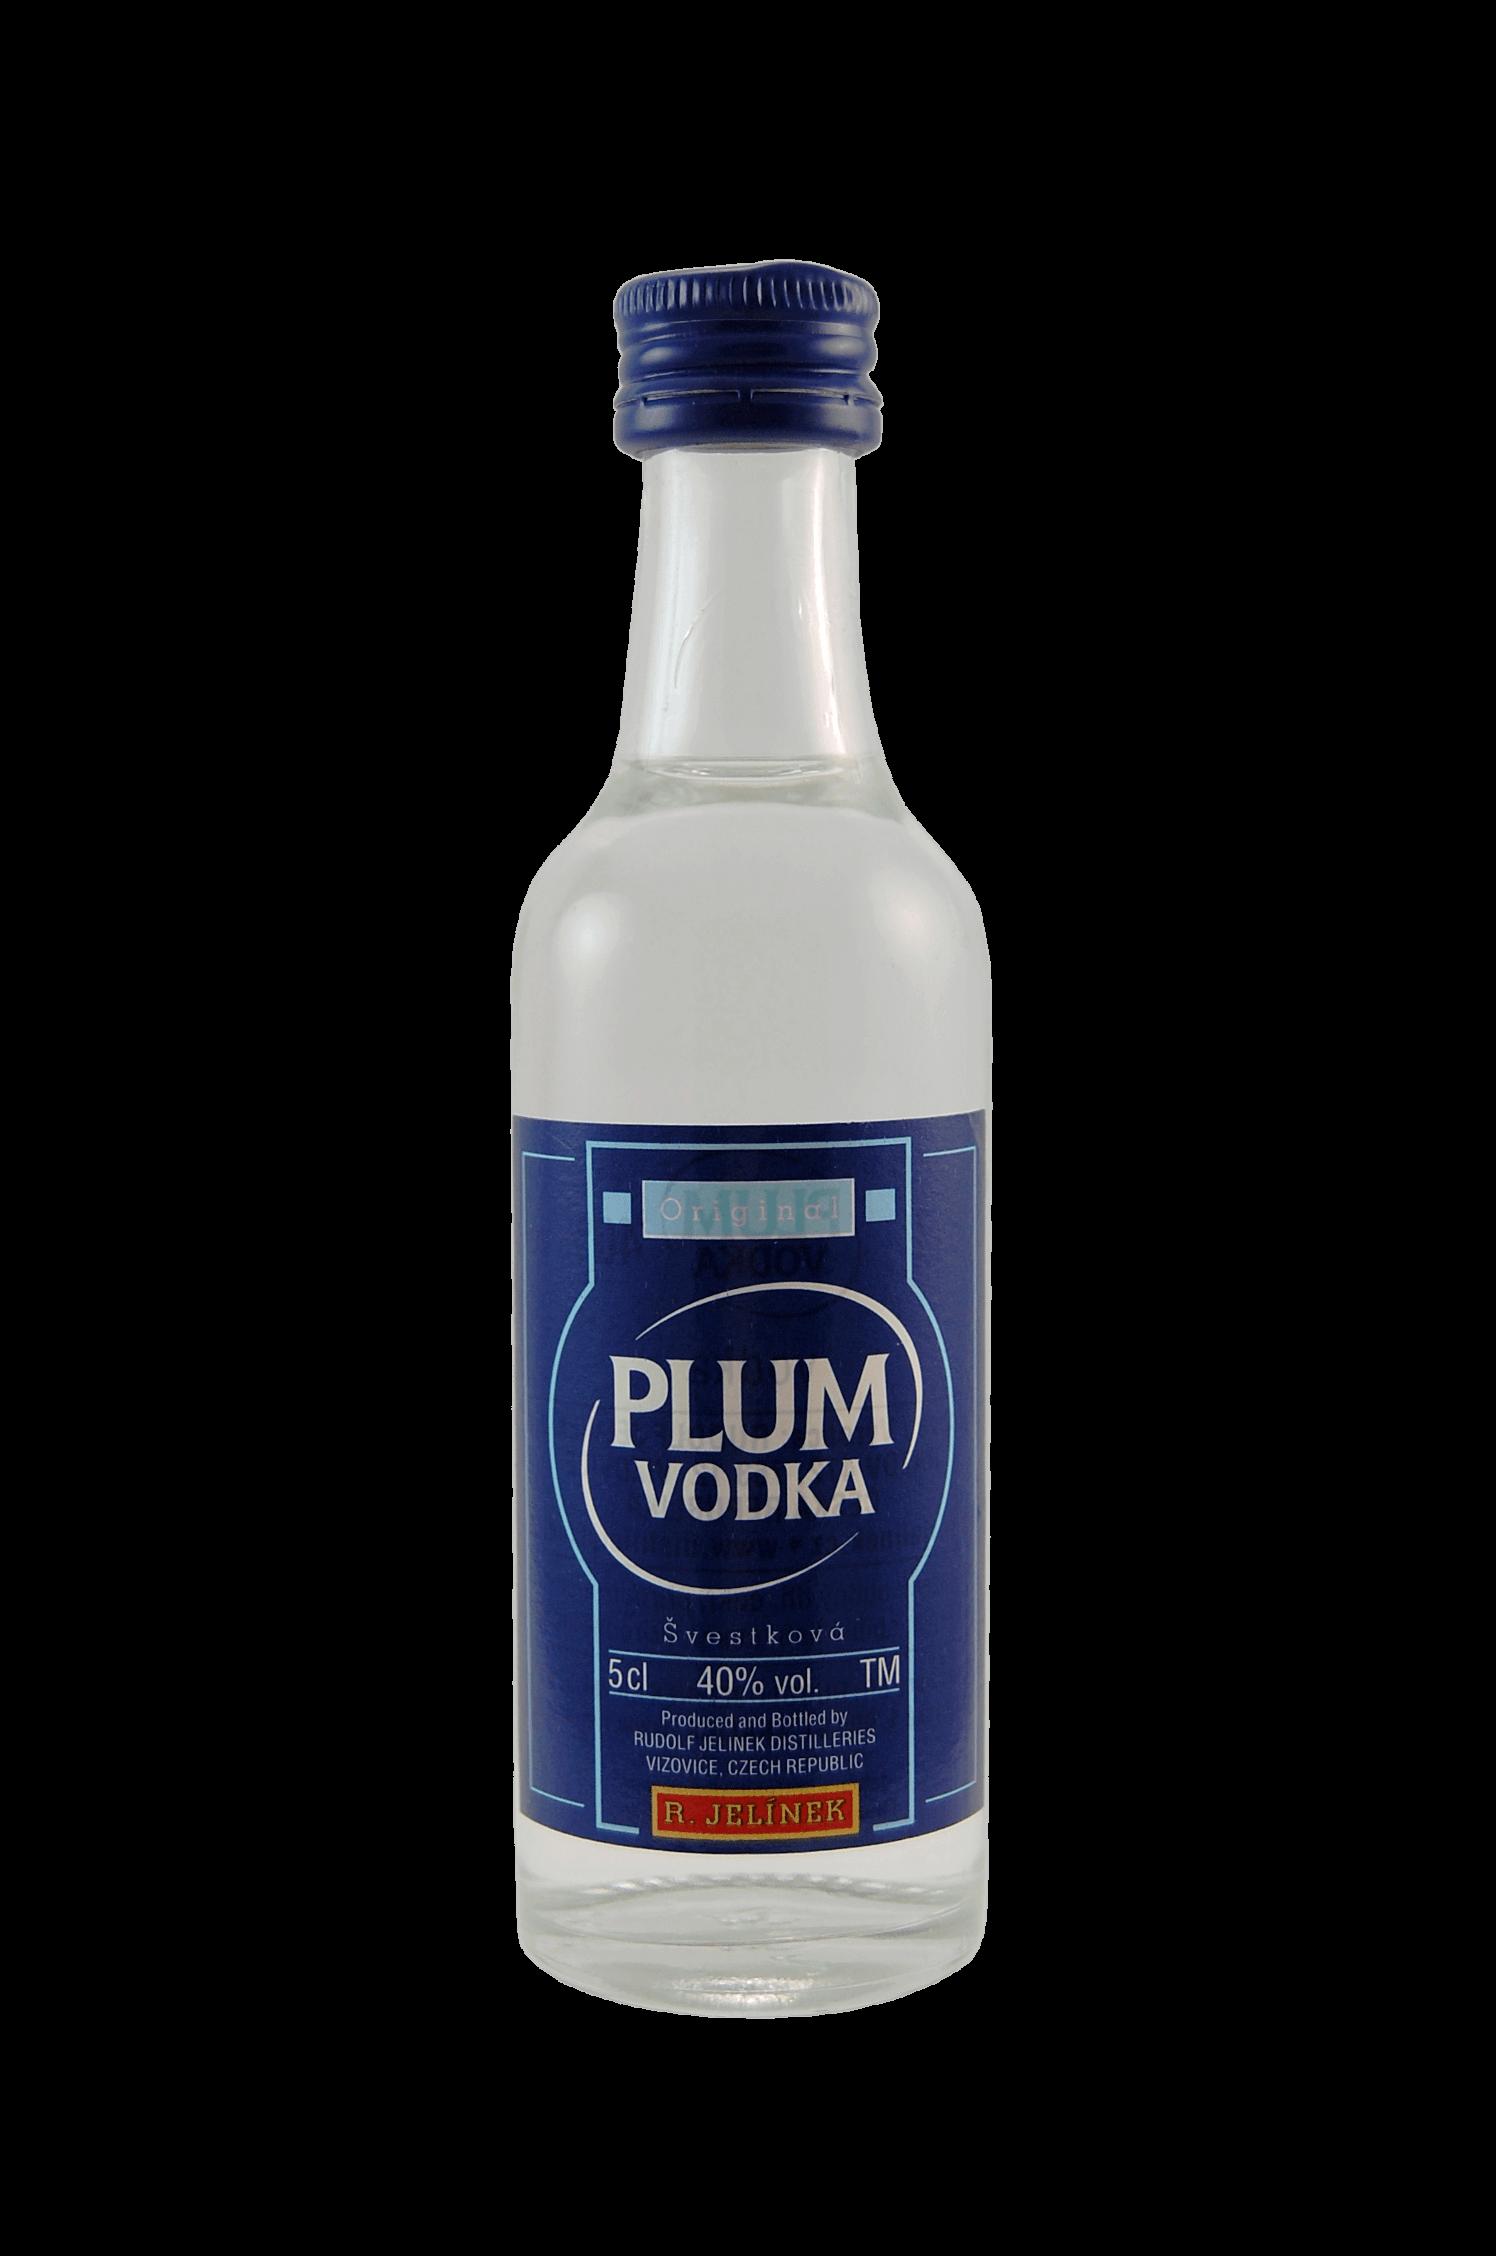 Plum Vodka Švestková